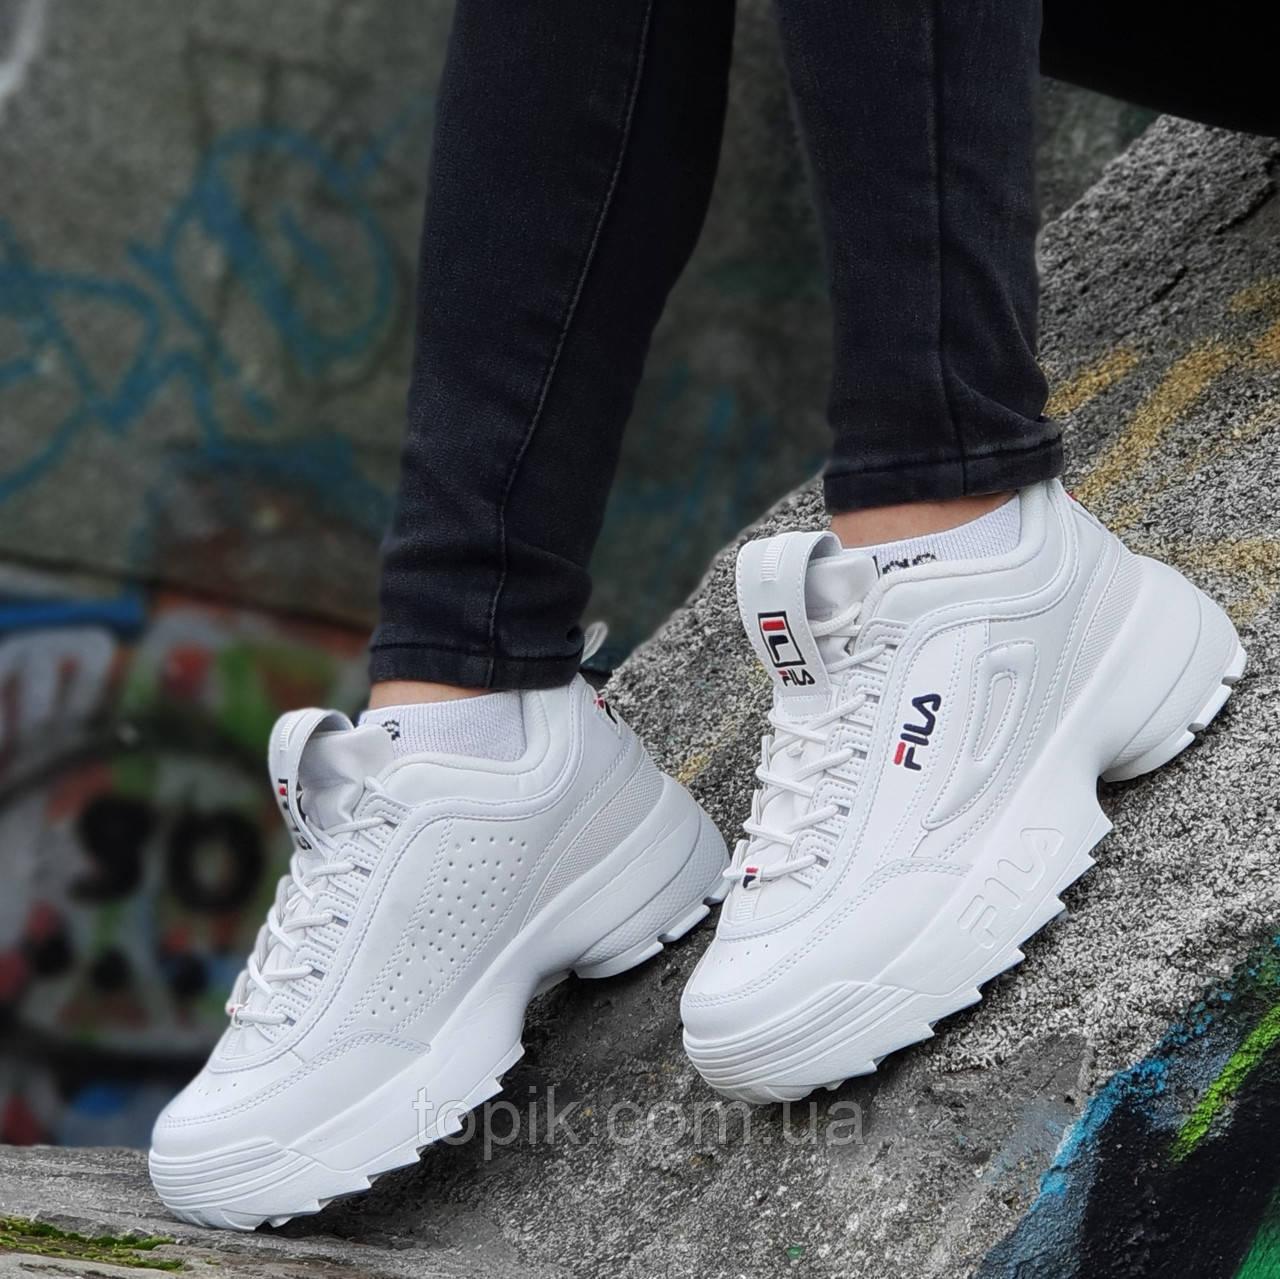 Кроссовки хайповые на платформе FILA реплика, женские, подростковые белые кожаный носок (Код: 1236а)